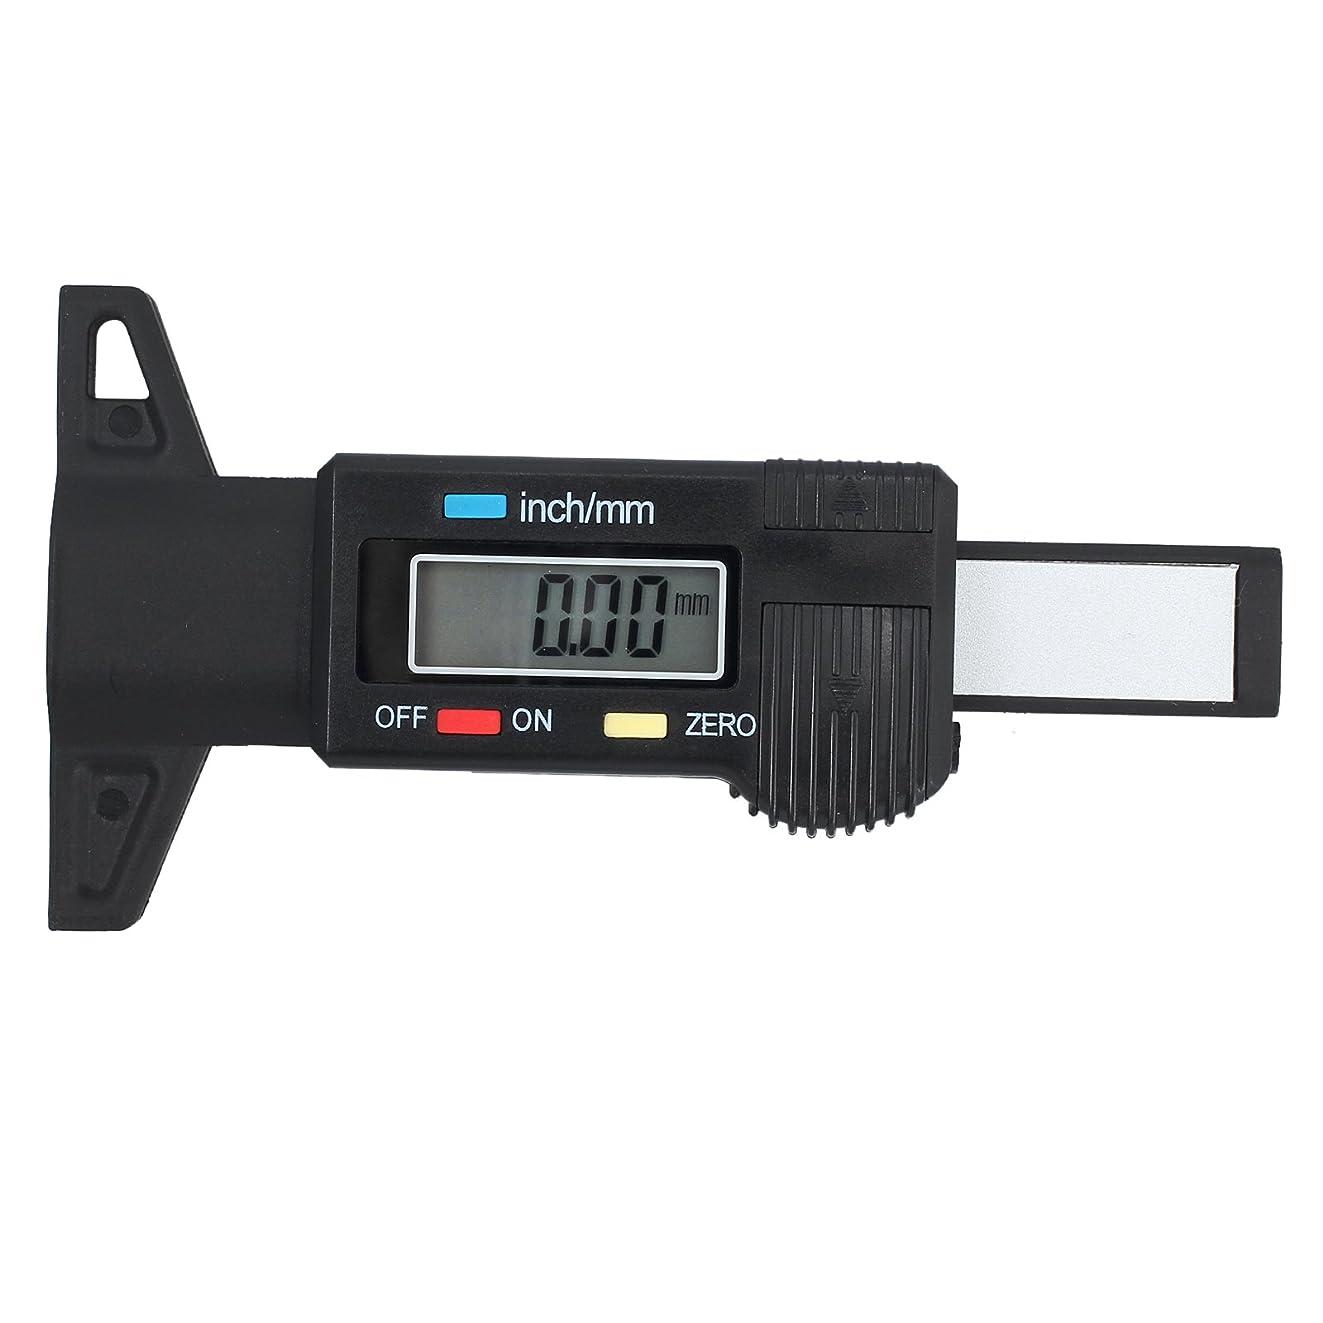 内訳ソースアサートProster 0.01mm デジタル デプスゲージ 0-25.4mm タイヤ溝 測定 タイヤデプスゲージ バッテリー付き 18ヶ月保証